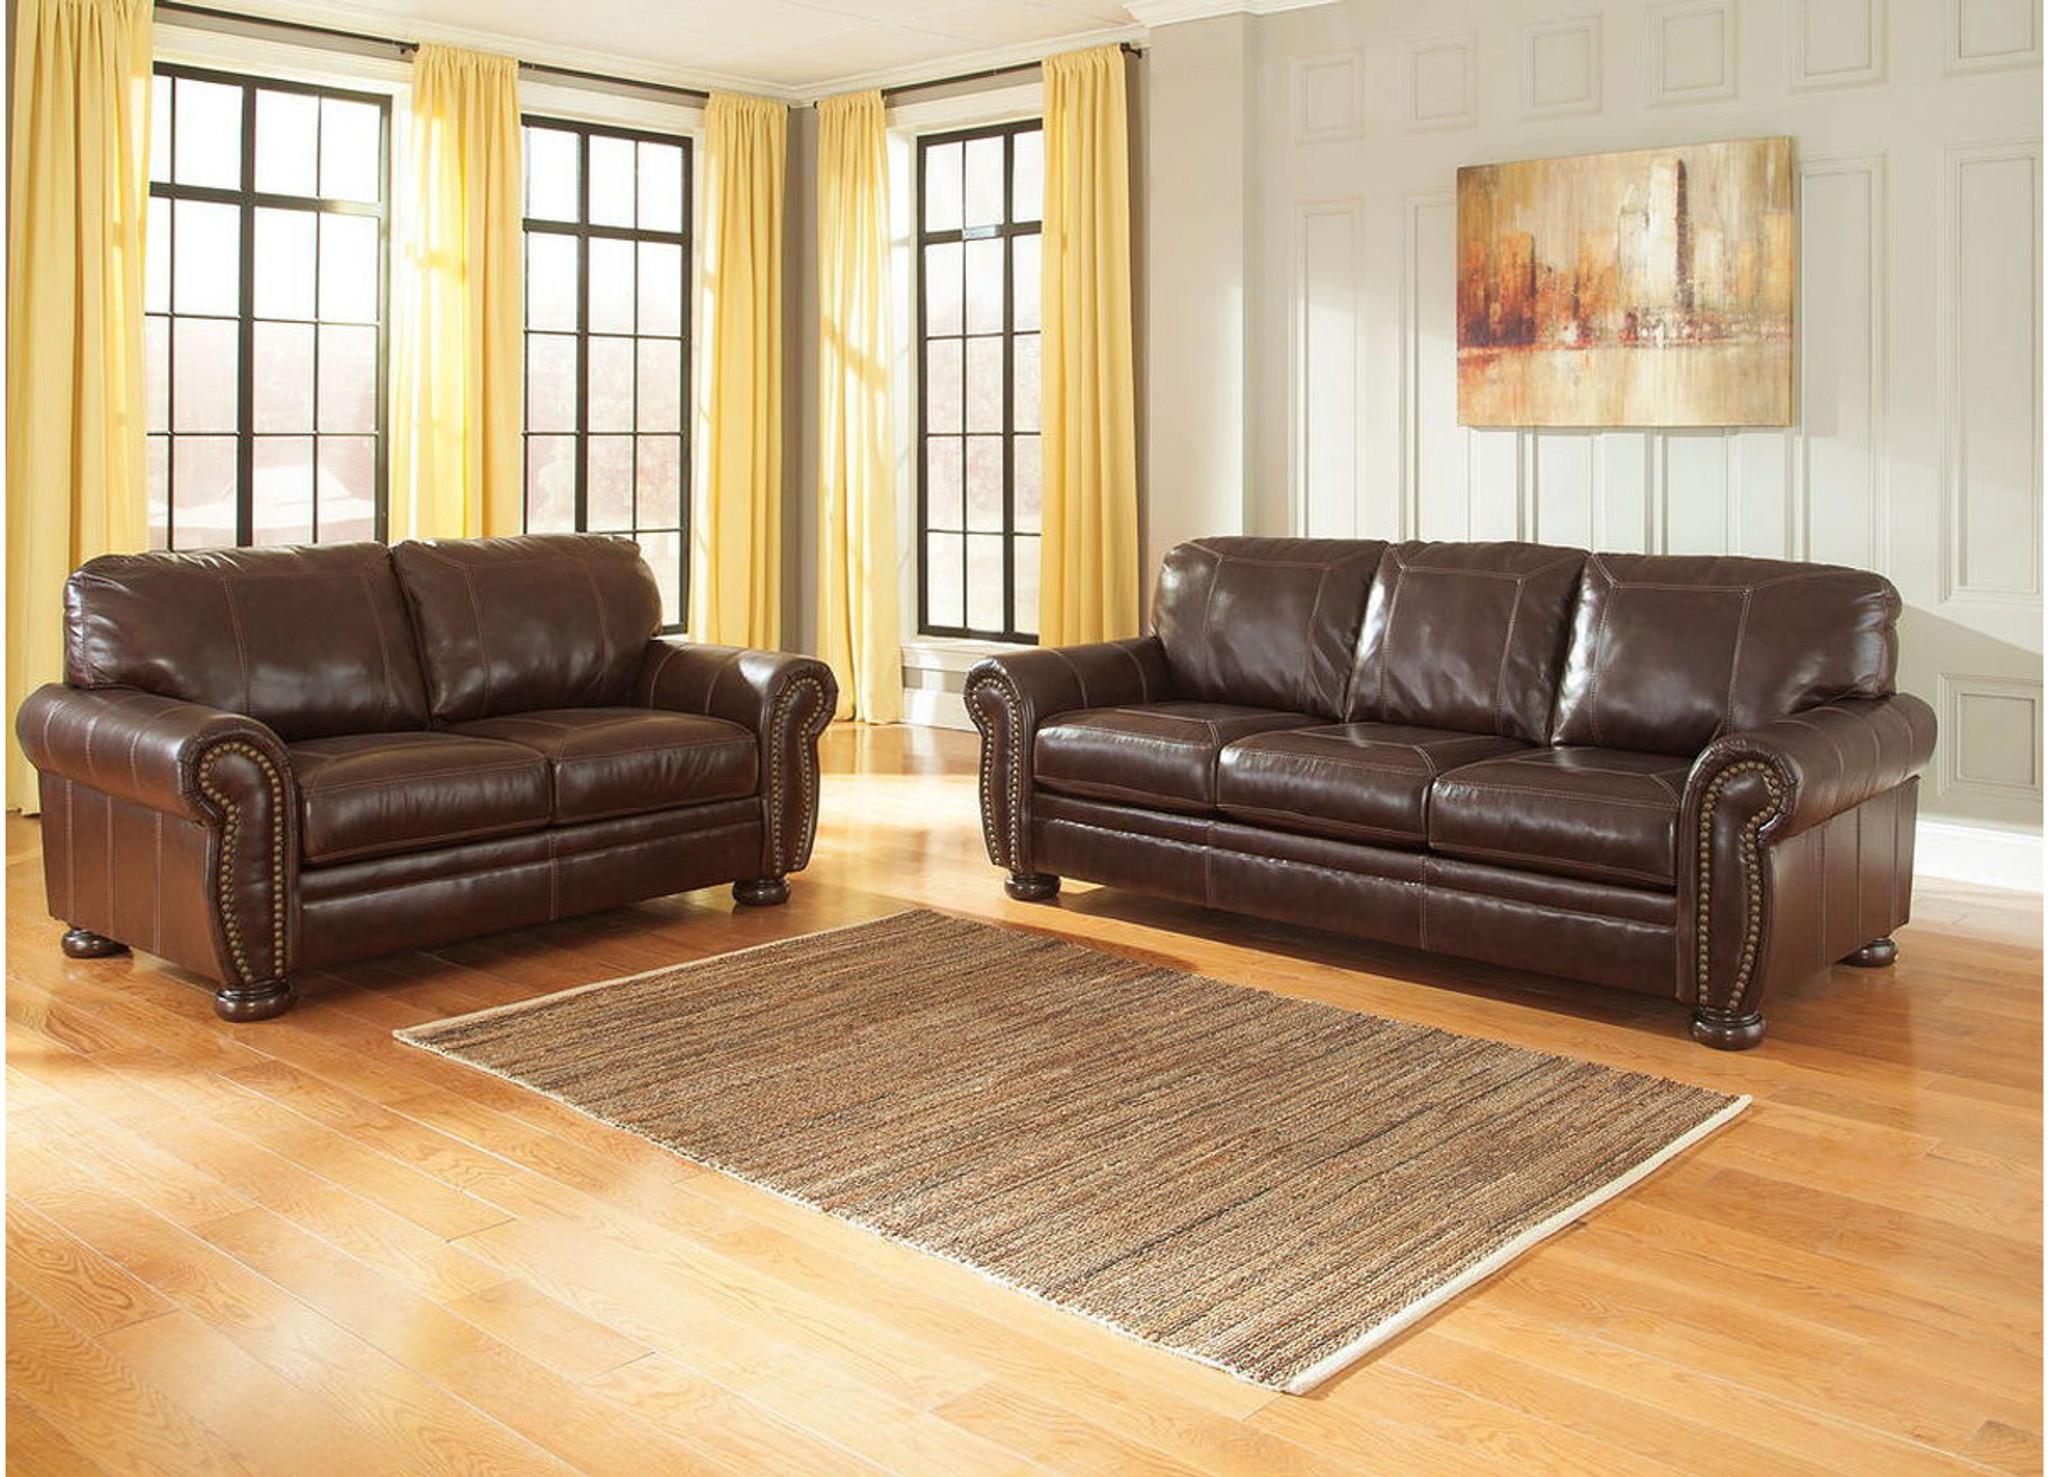 Brilliant 2 Pcs Banner Coffee Leather Sofa Loveseat Inzonedesignstudio Interior Chair Design Inzonedesignstudiocom